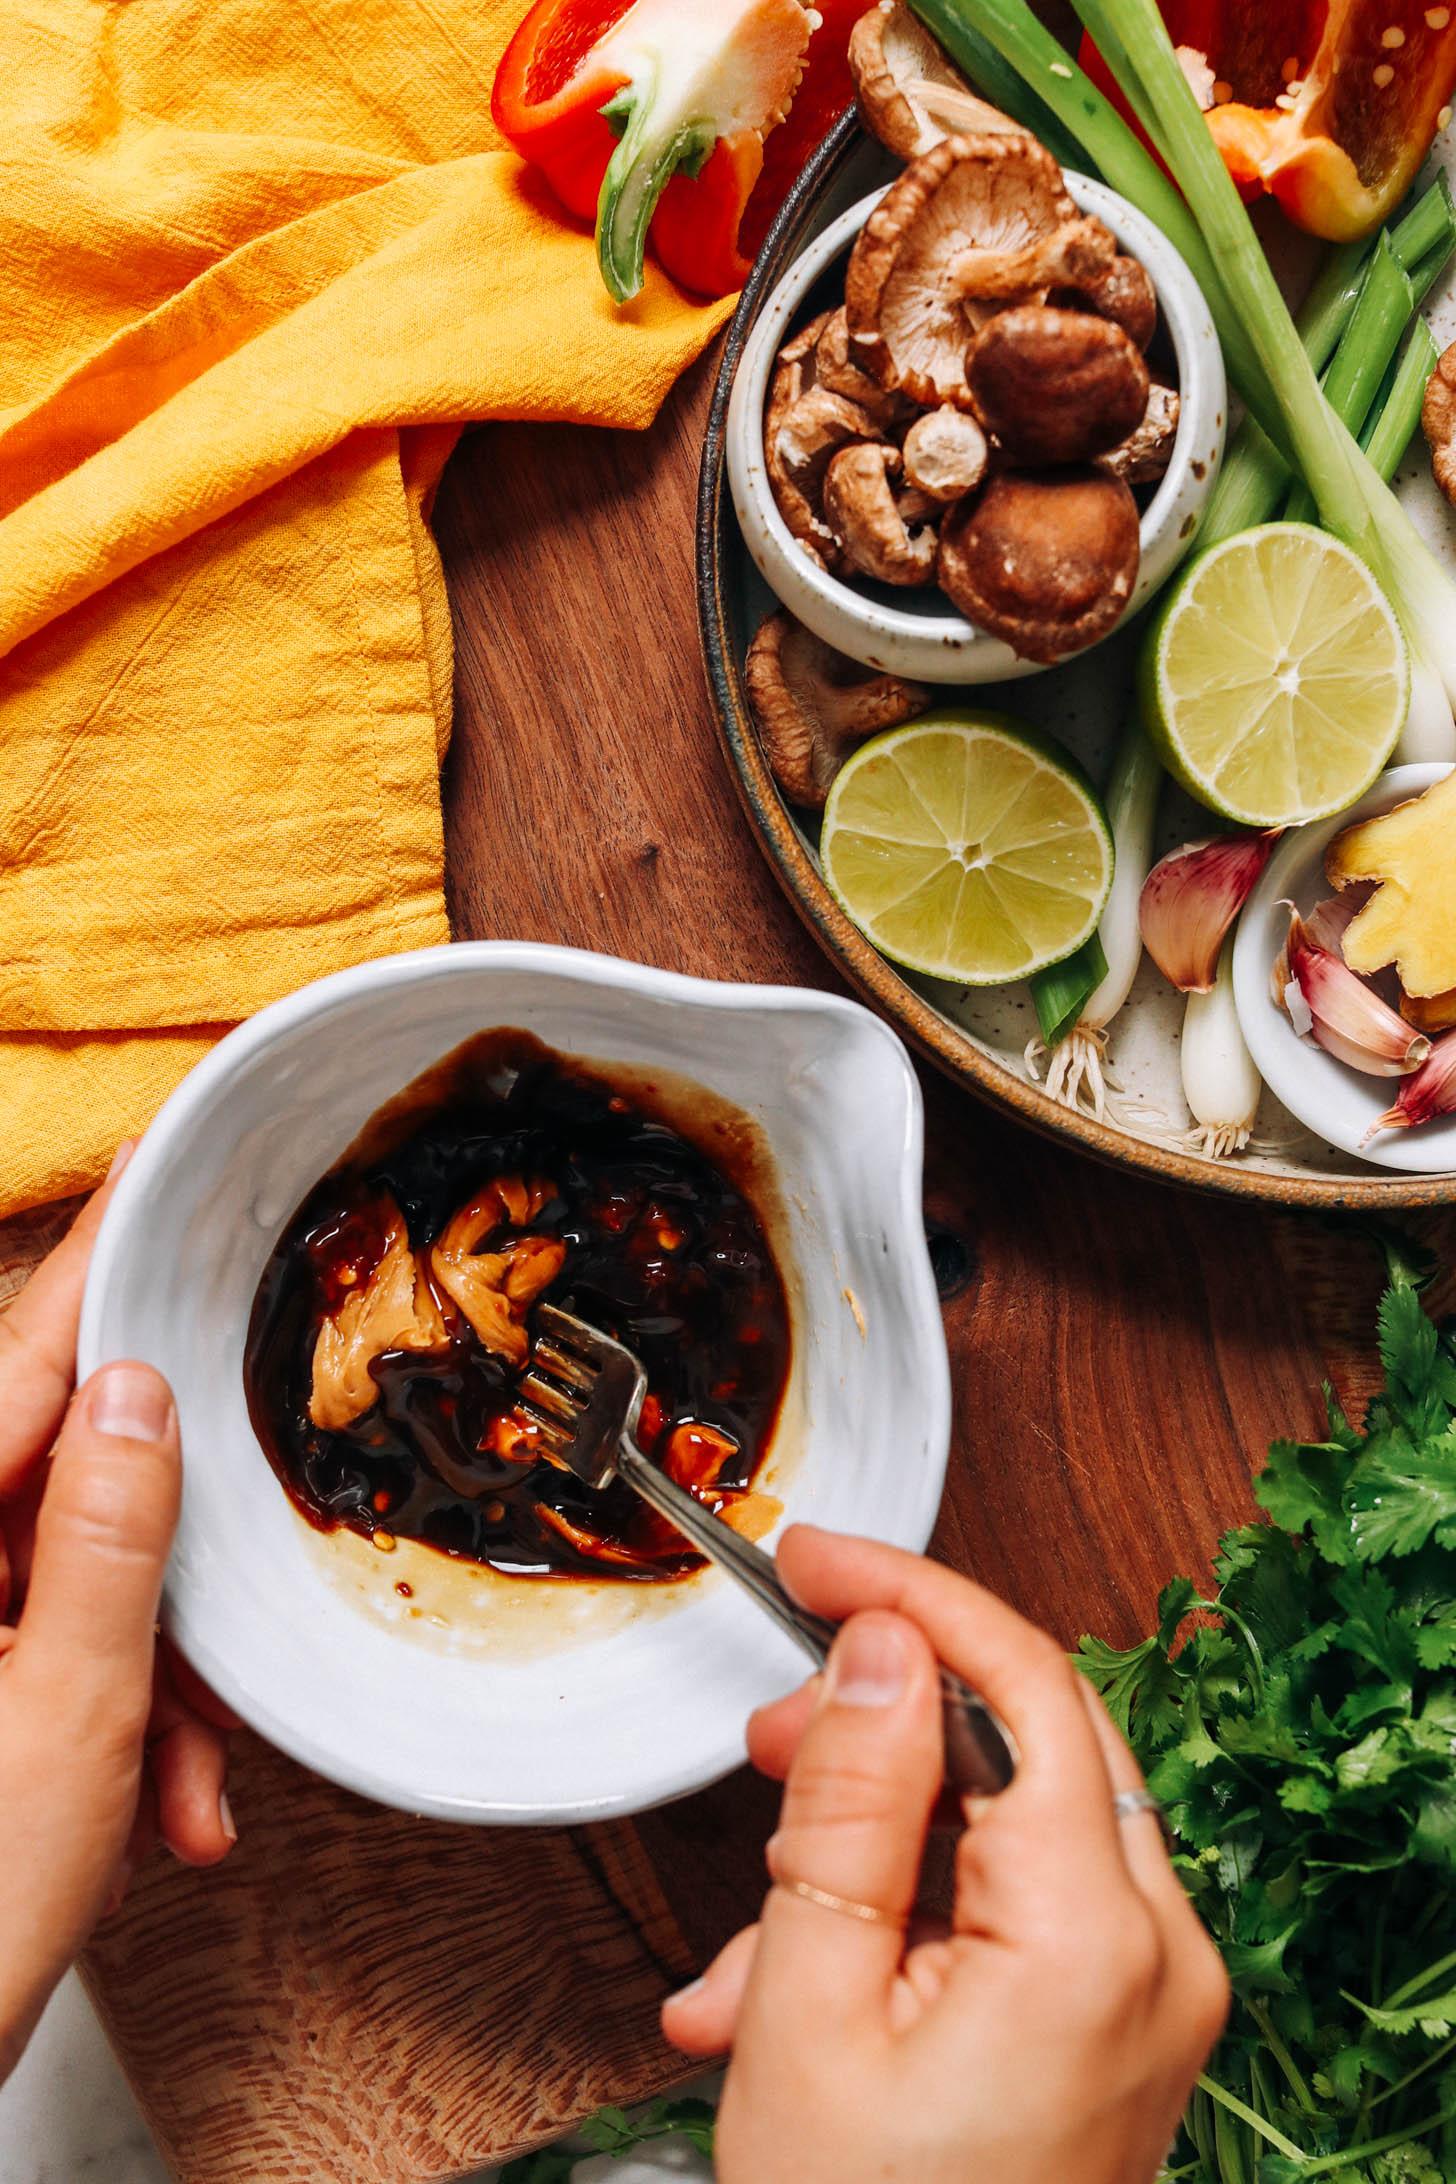 Bir kase fıstık ezmesi, hindistancevizi aminosu, akçaağaç şurubu, limon suyu ve acı sarımsak sosunu karıştırın